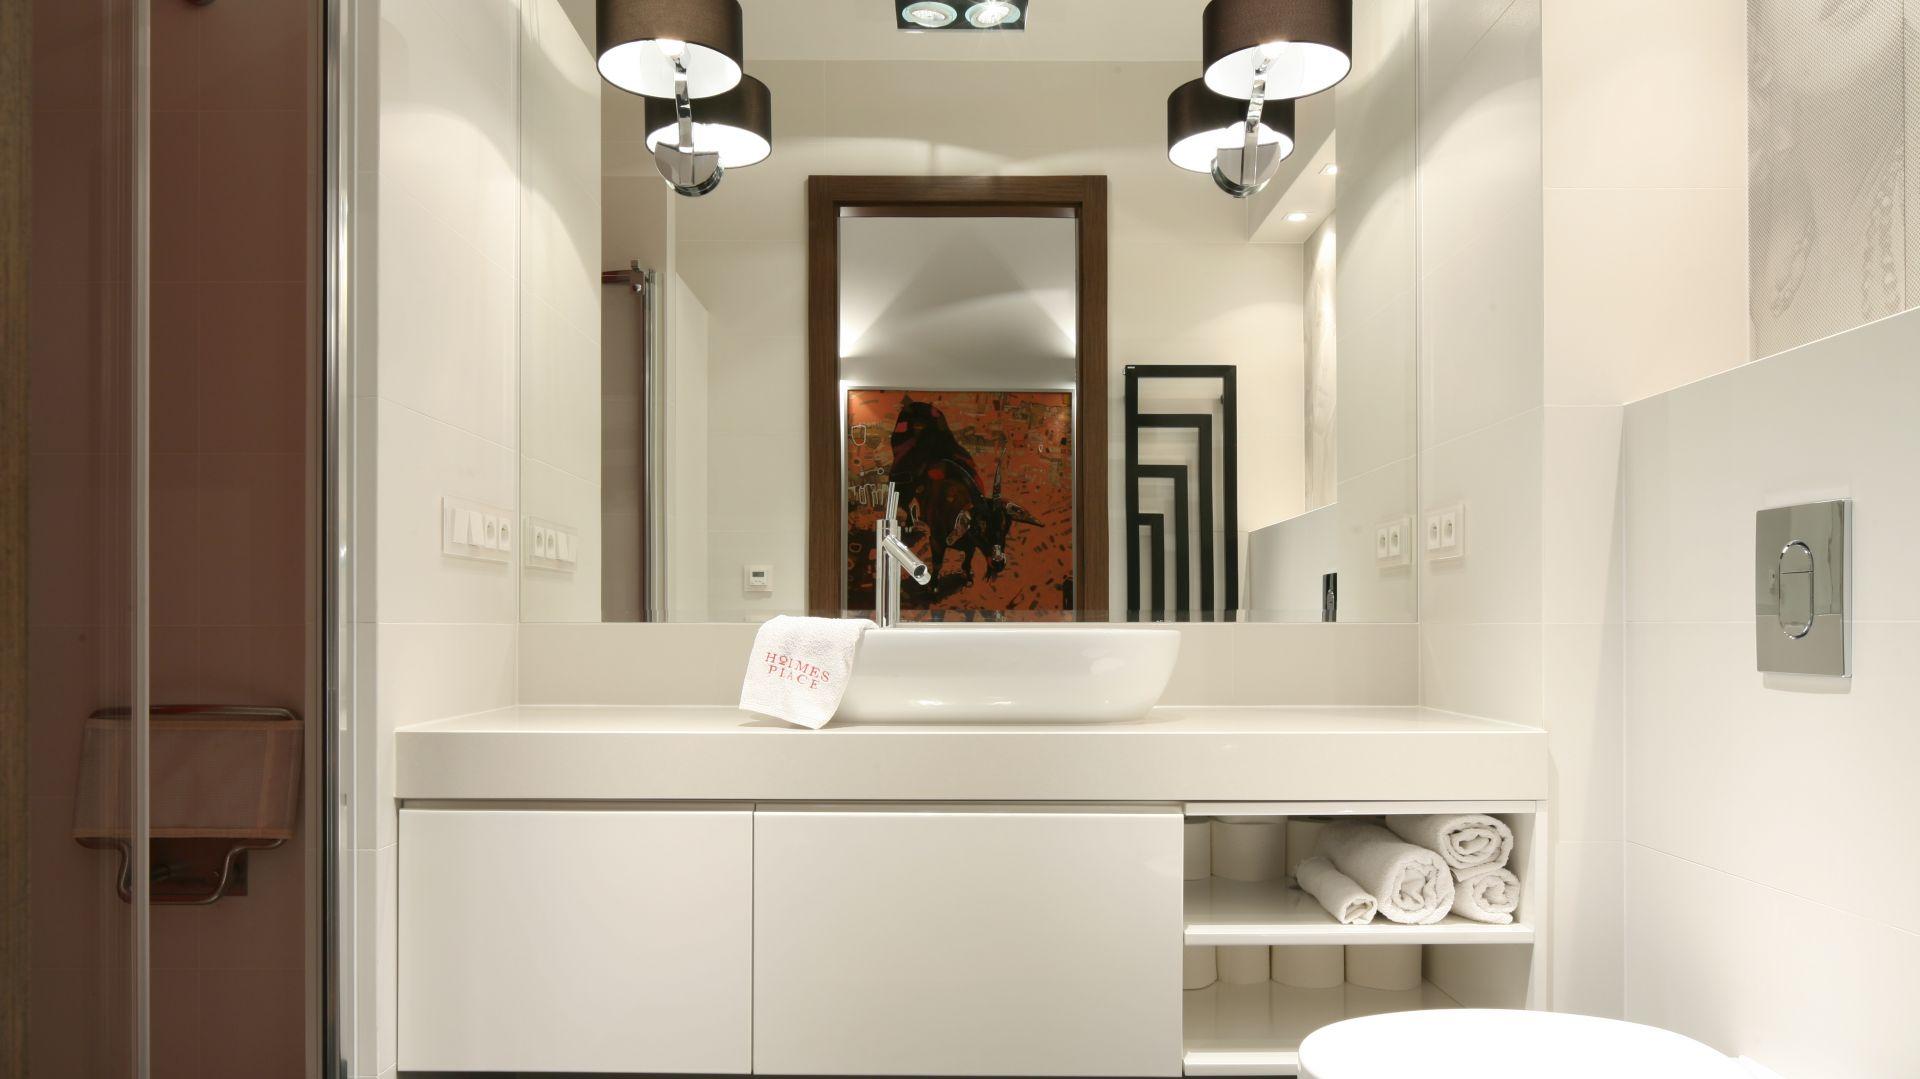 Białe meble pod zabudowę z otwartymi pólkami to świetny sposób na wyeksponowanie ręczników. Projekt: Małgorzata Galewska. Fot. Bartosz Jarosz